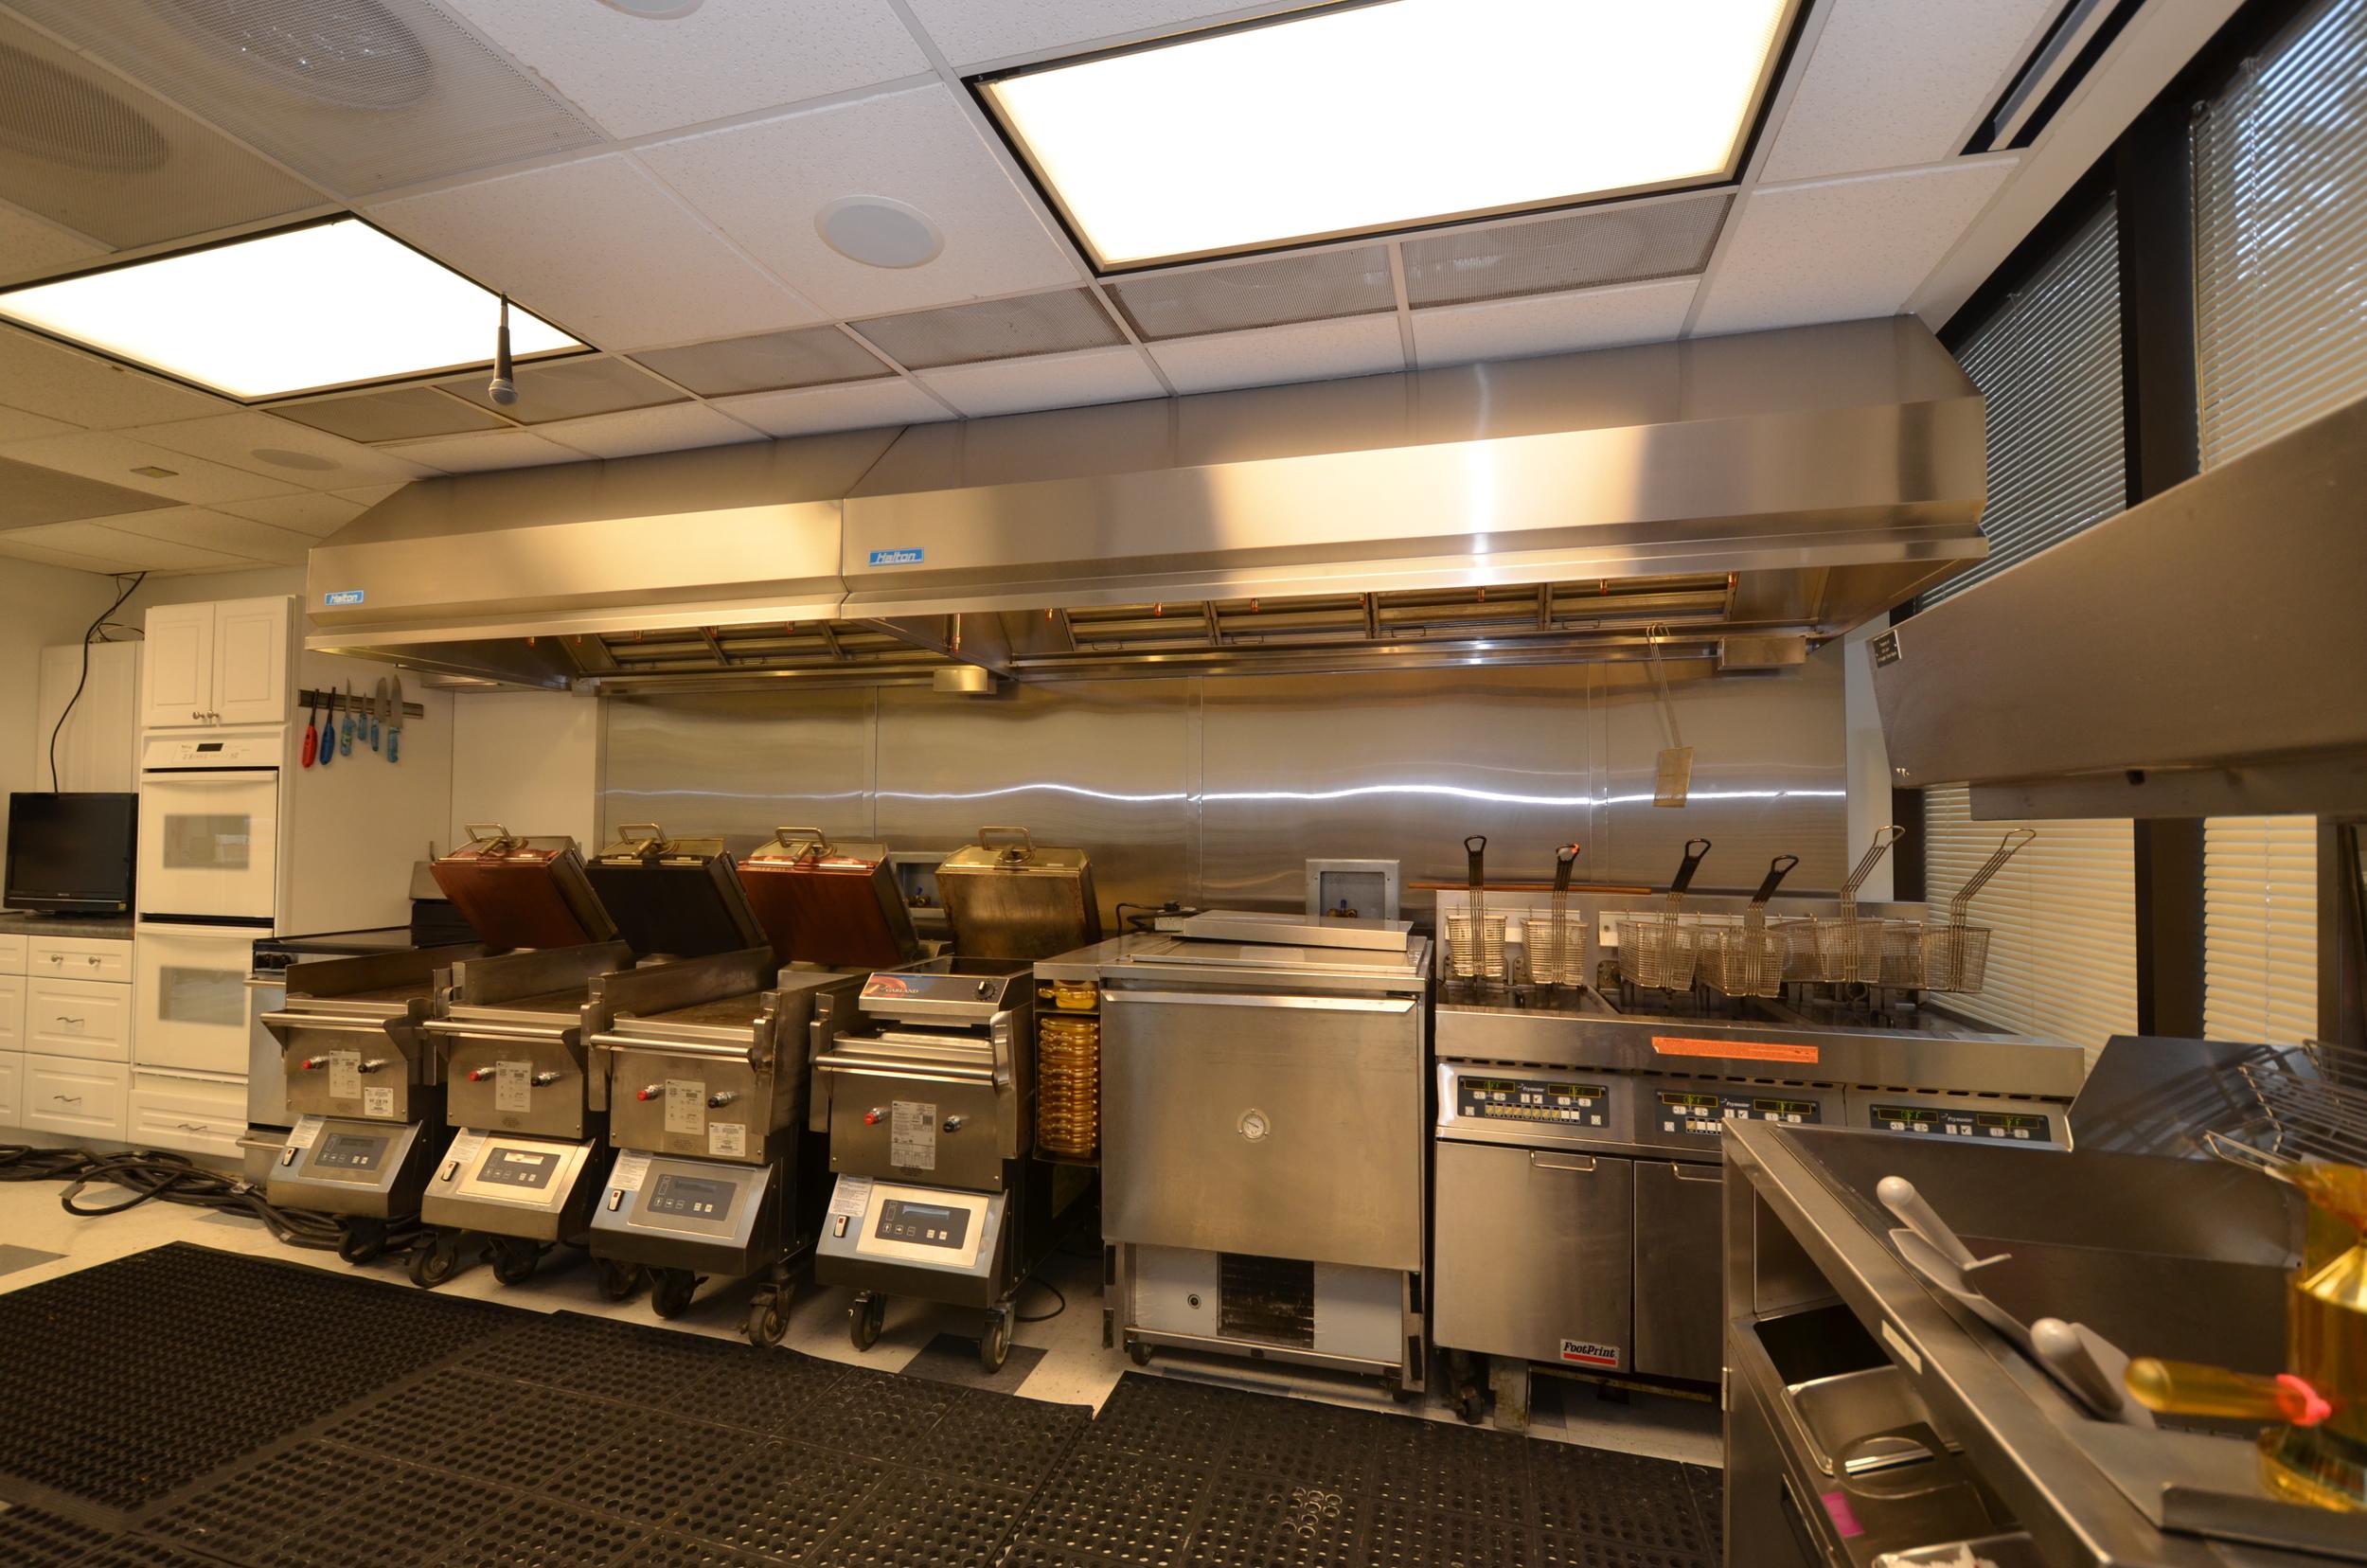 1 Restaurant Capable Space.JPG